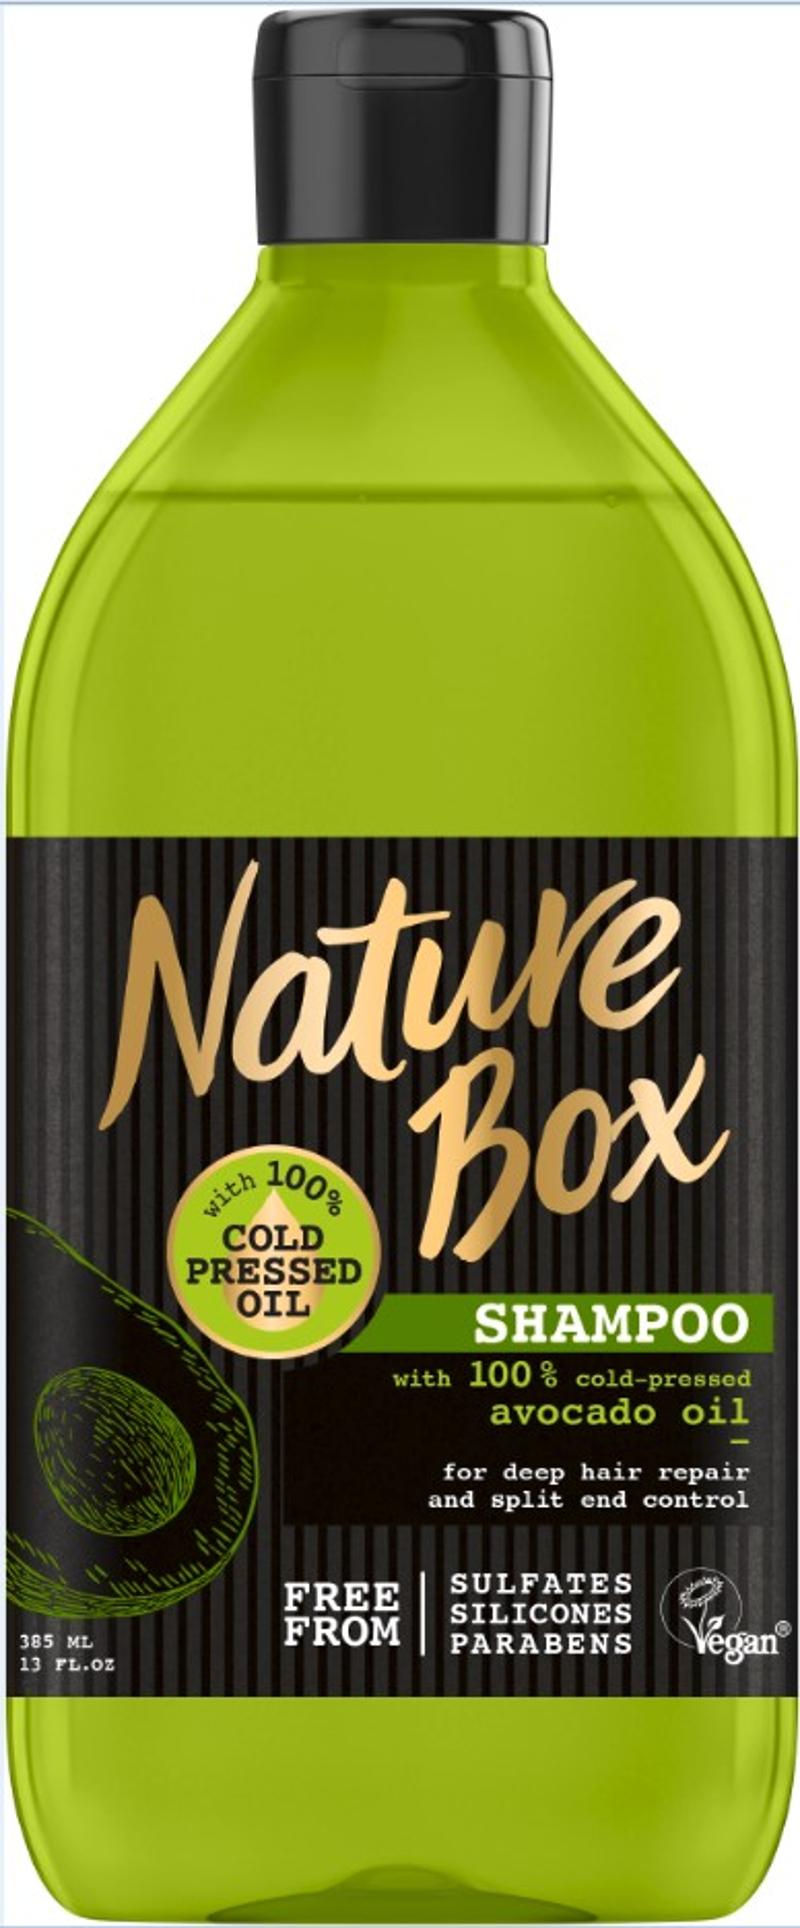 Το σαμπουάν, Nature Box με άρωμα αβοκάντο